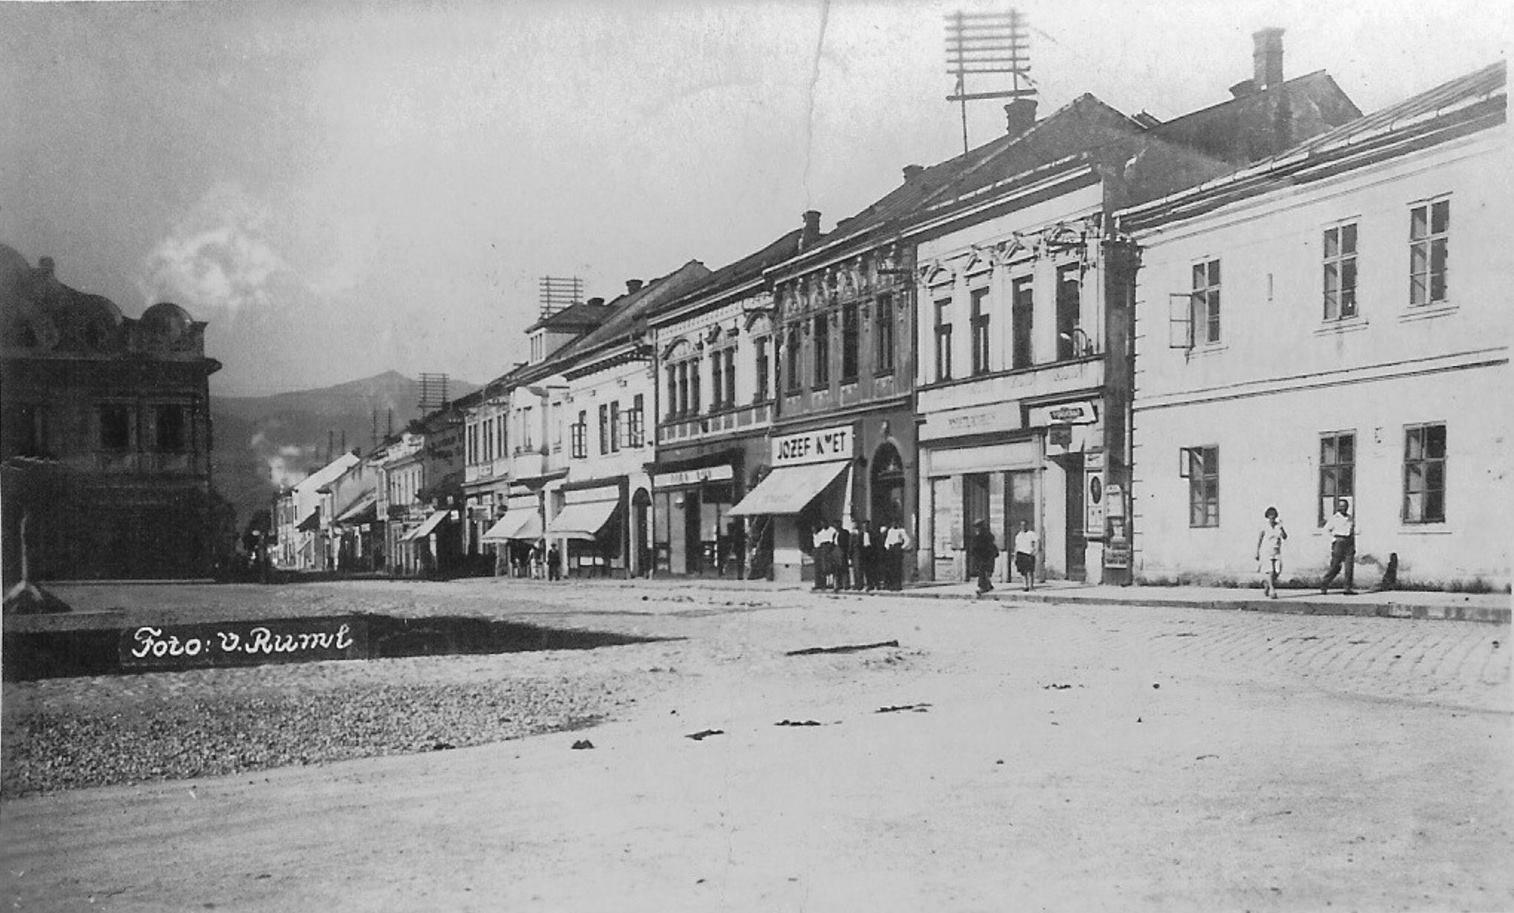 Mesto, 1930